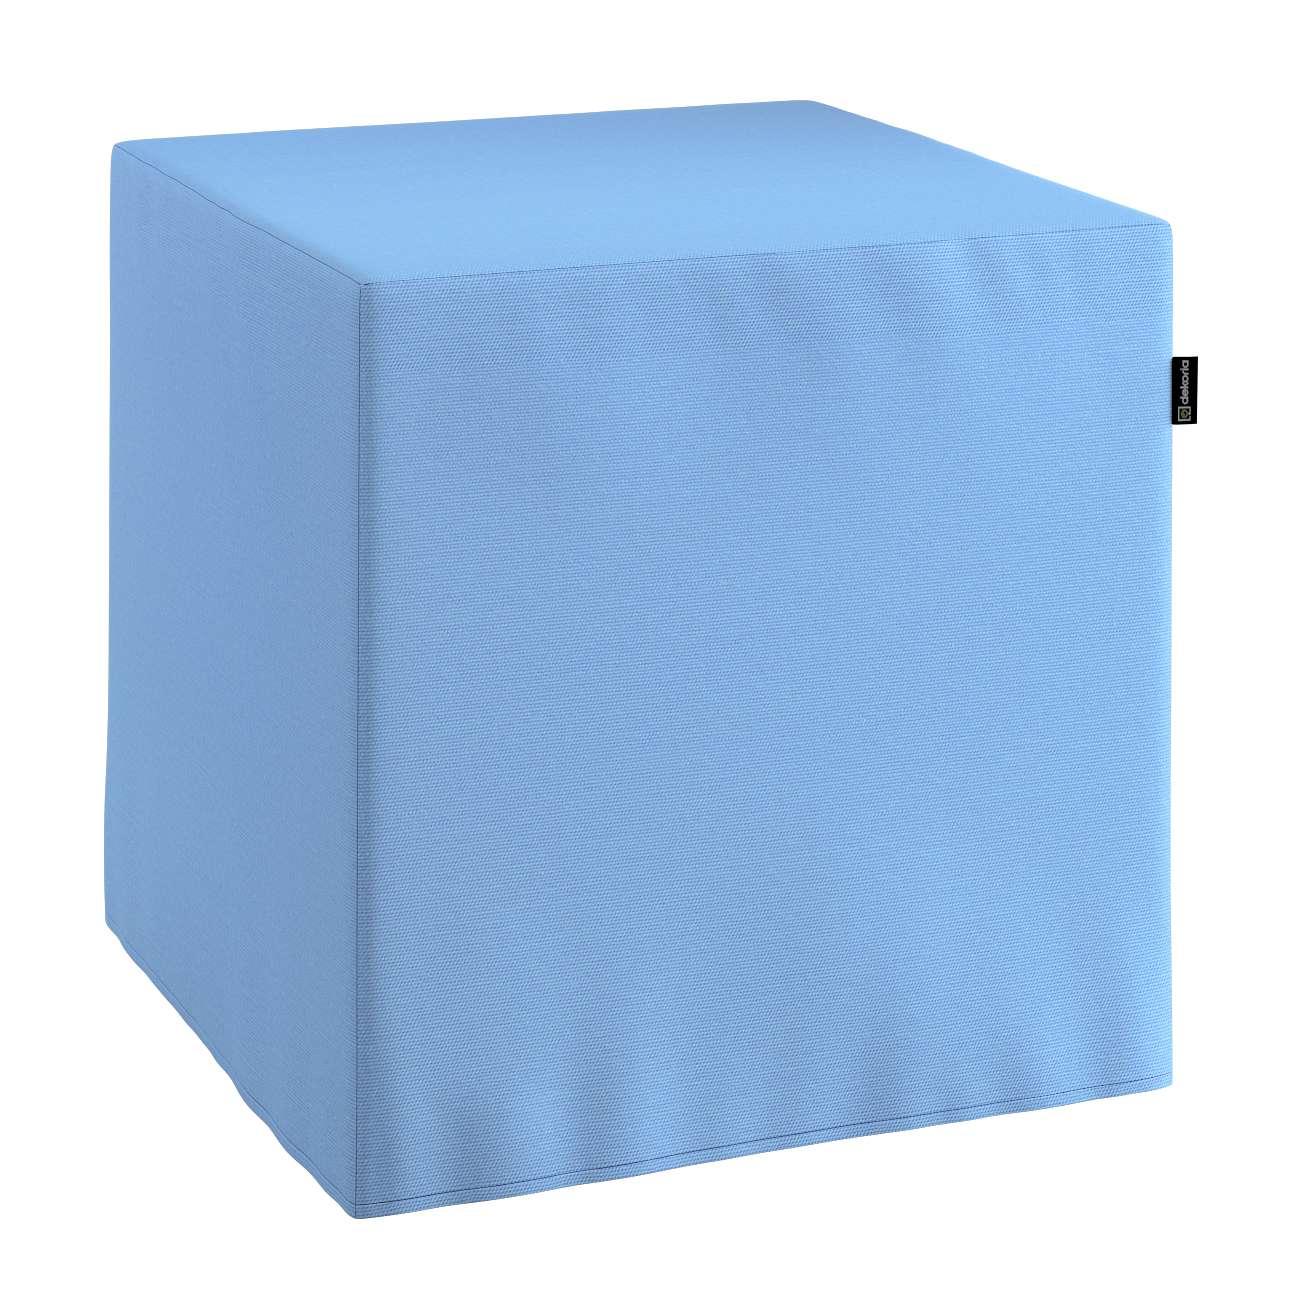 Sedák kostka - pevná 40 x 40 x 40 cm v kolekci Loneta, látka: 133-21